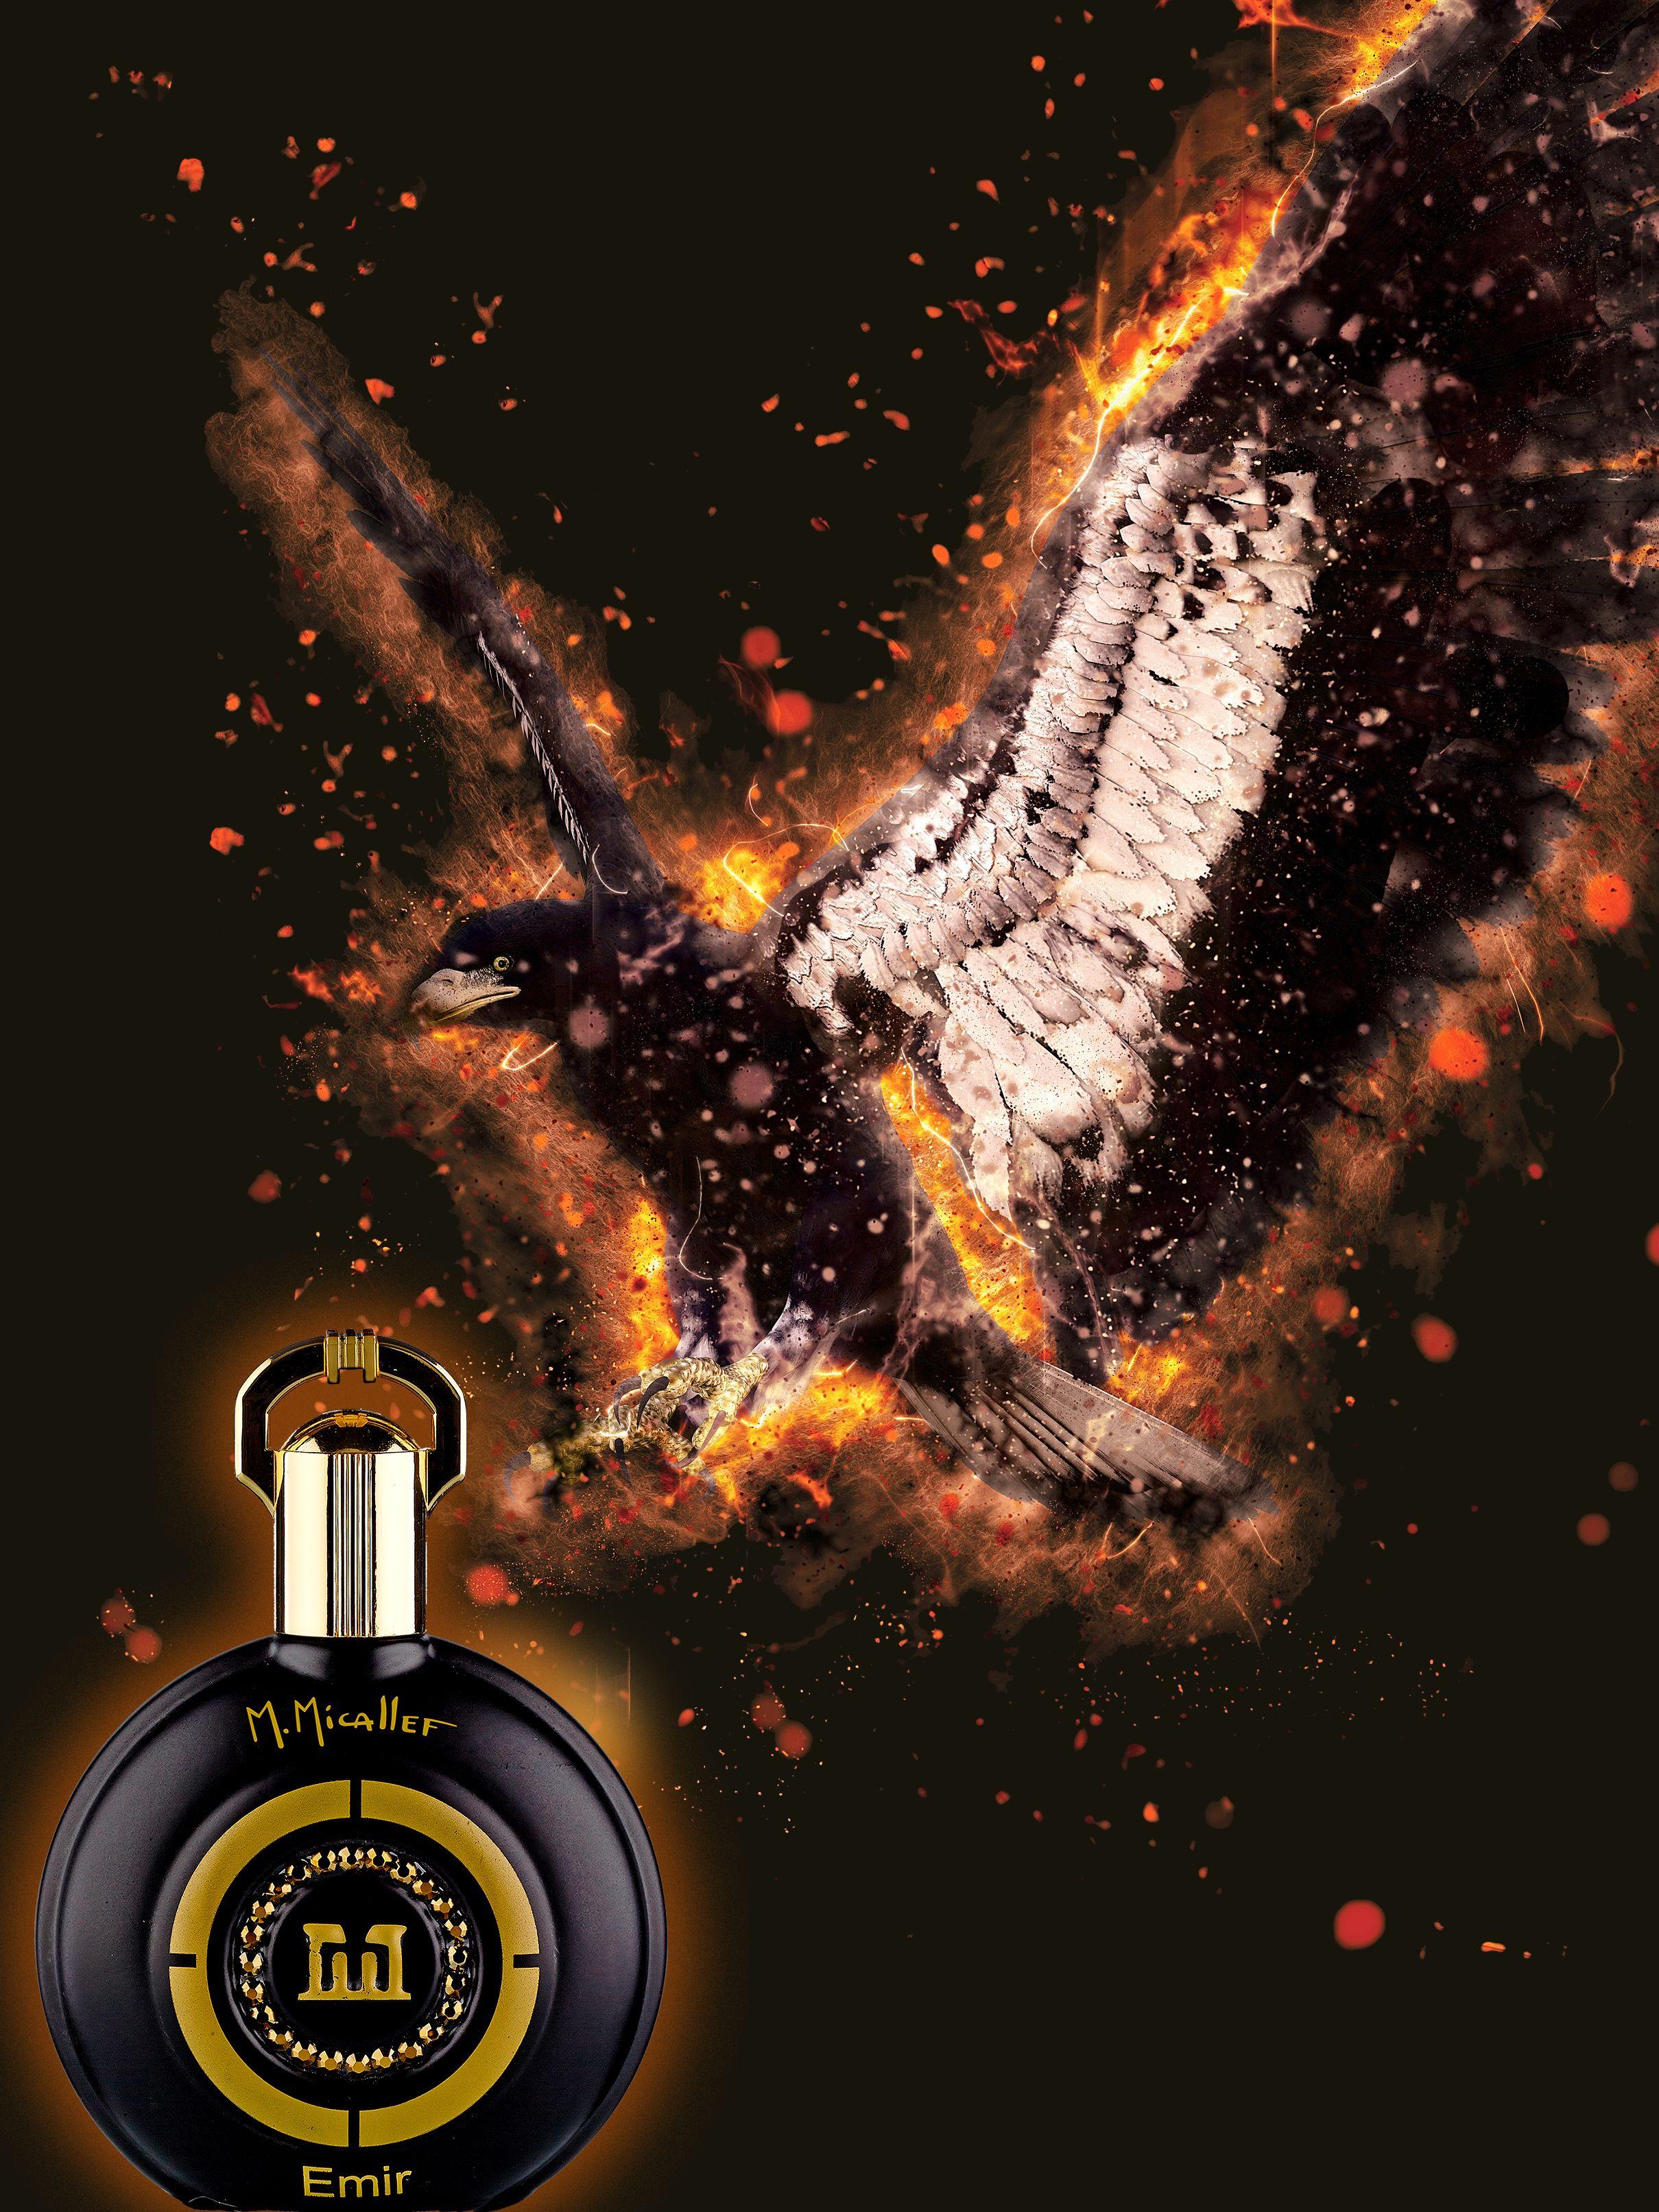 Emir Par Mmicallef Luxe Parfum Niche Grasse Homme Perfume Parfum